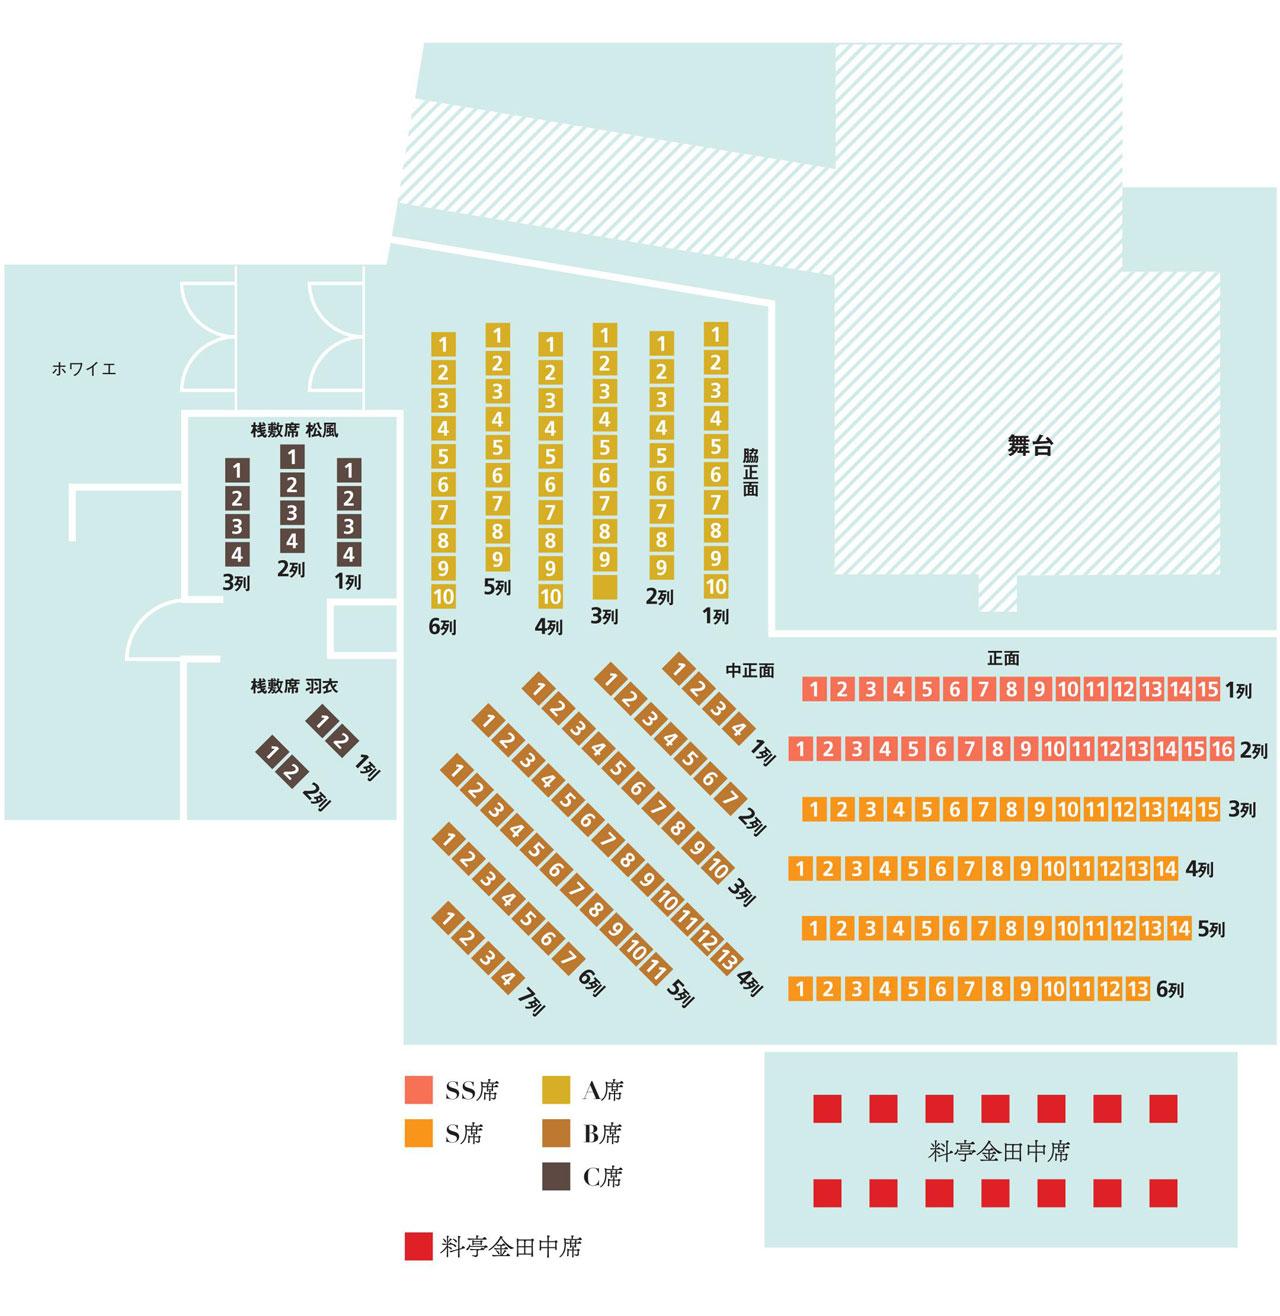 座席表:4月25日(土)開催、觀ノ会第三回公演「実盛~さぶらふ さだめ~」